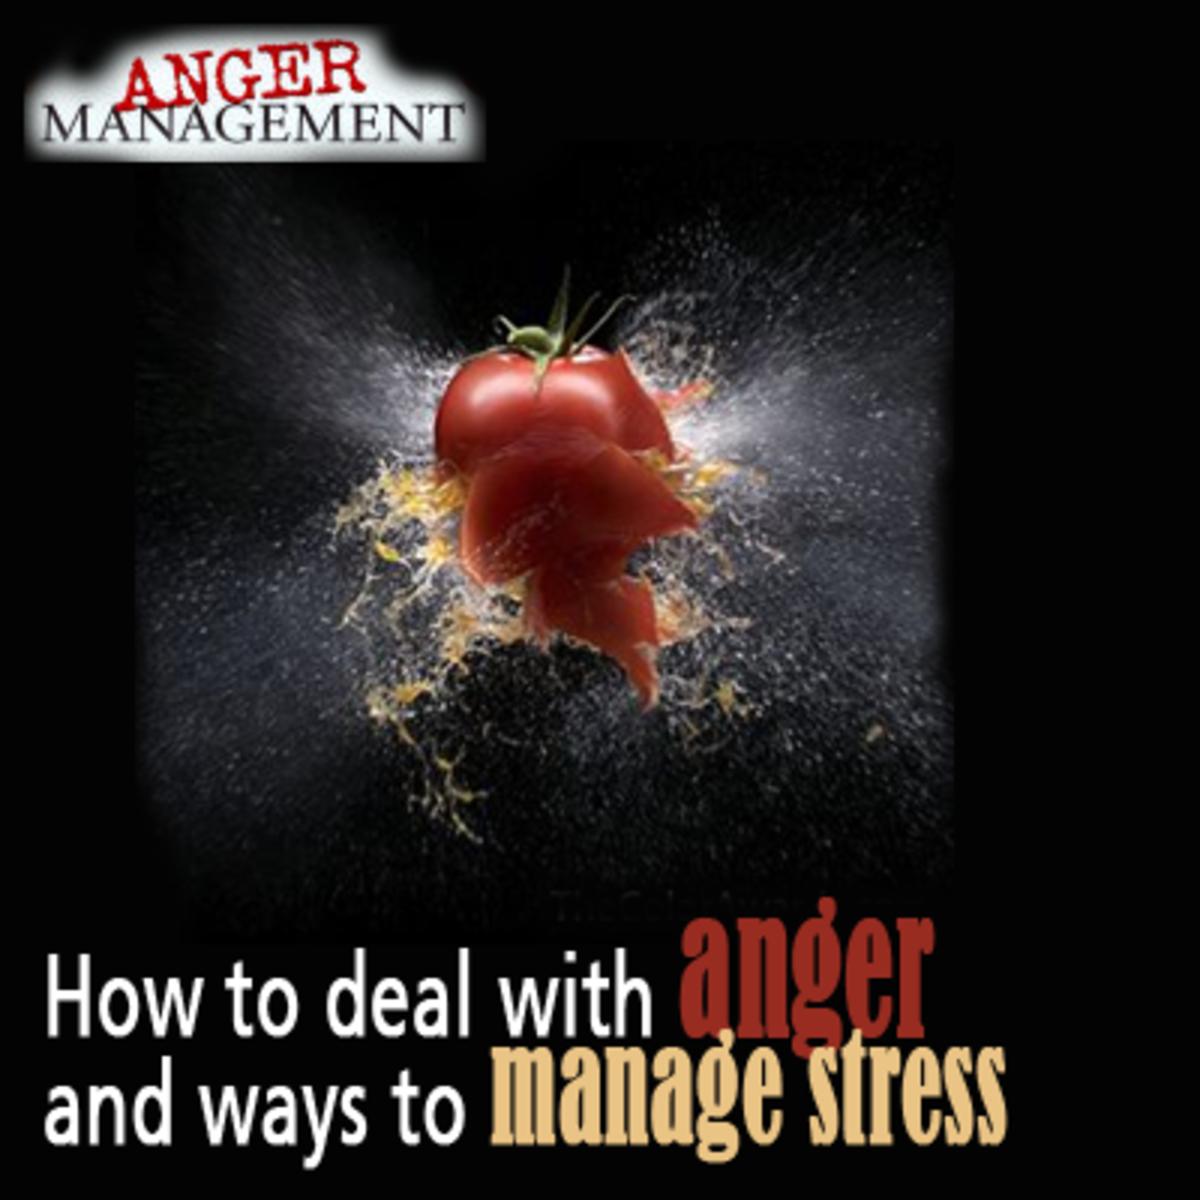 How often do you feel anger?